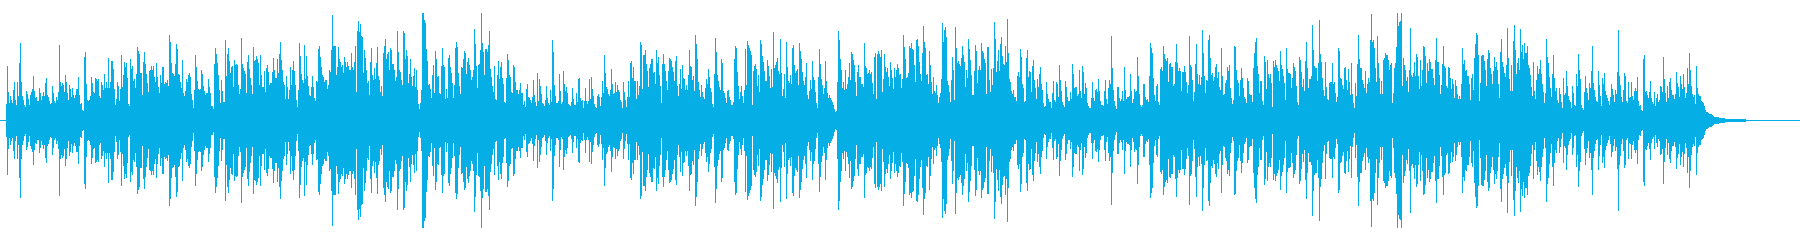 ウクレレを使ったハワイ風のクリスマス曲の再生済みの波形